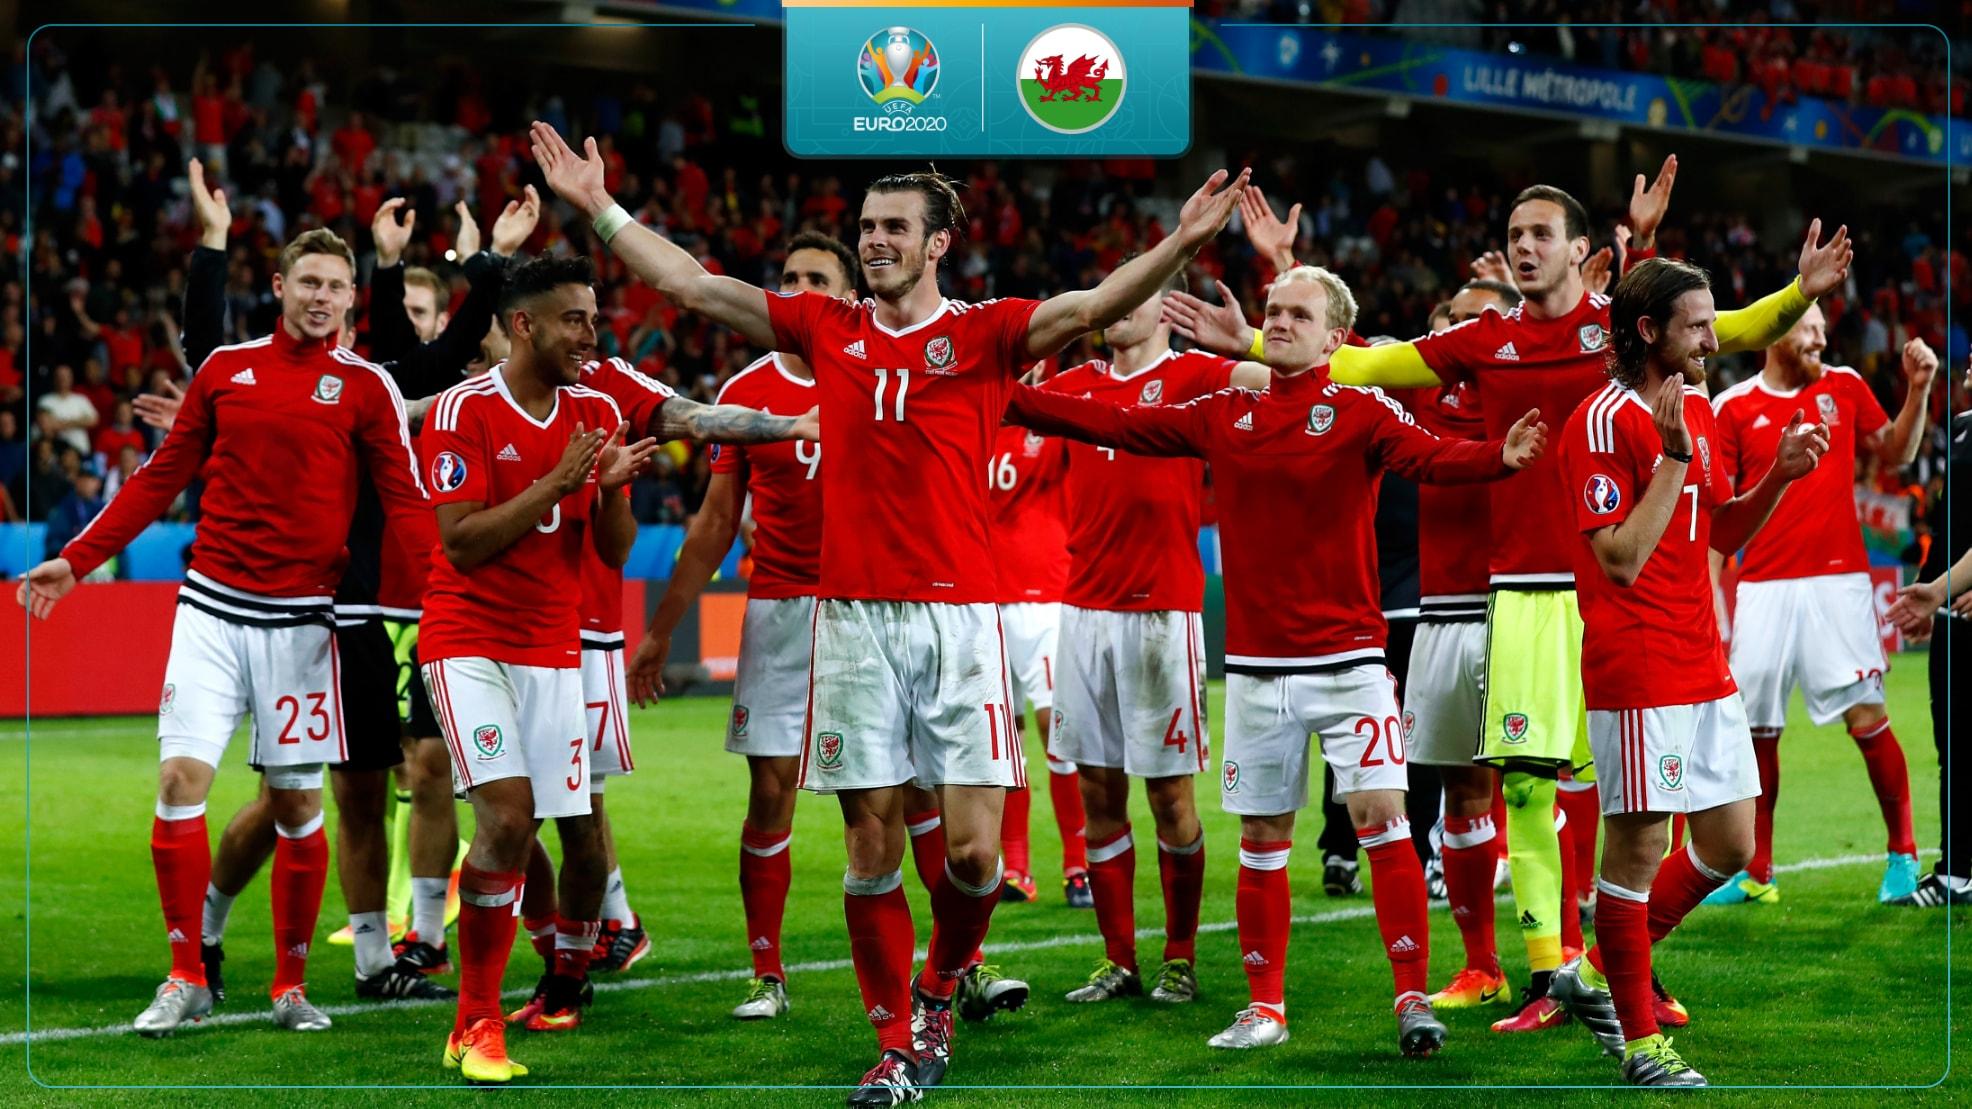 EURO contenders in focus: Wales